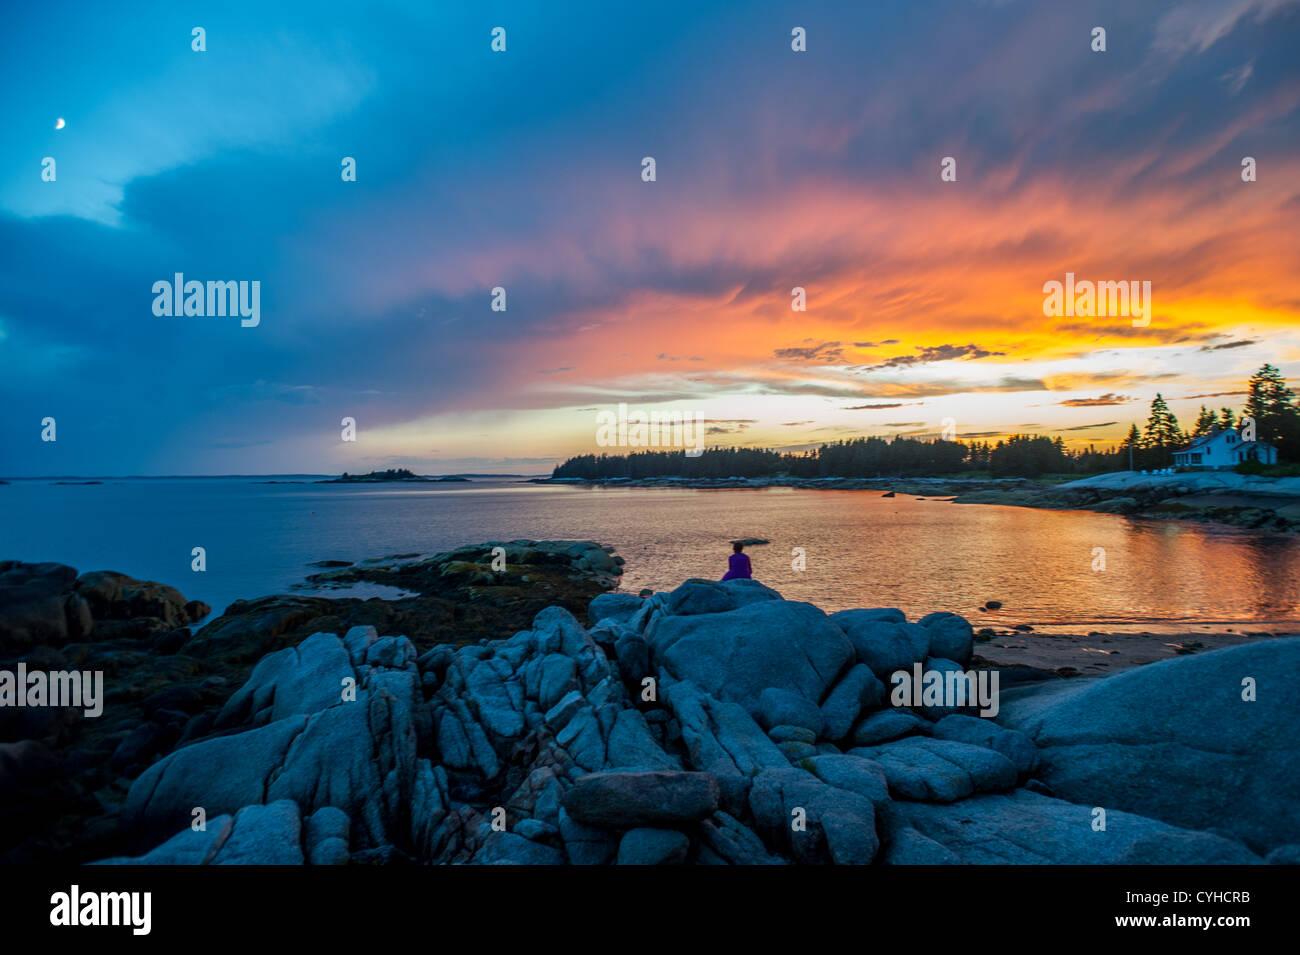 Atardecer sobre el terreno rocoso de la Isla Venado, Maine Imagen De Stock